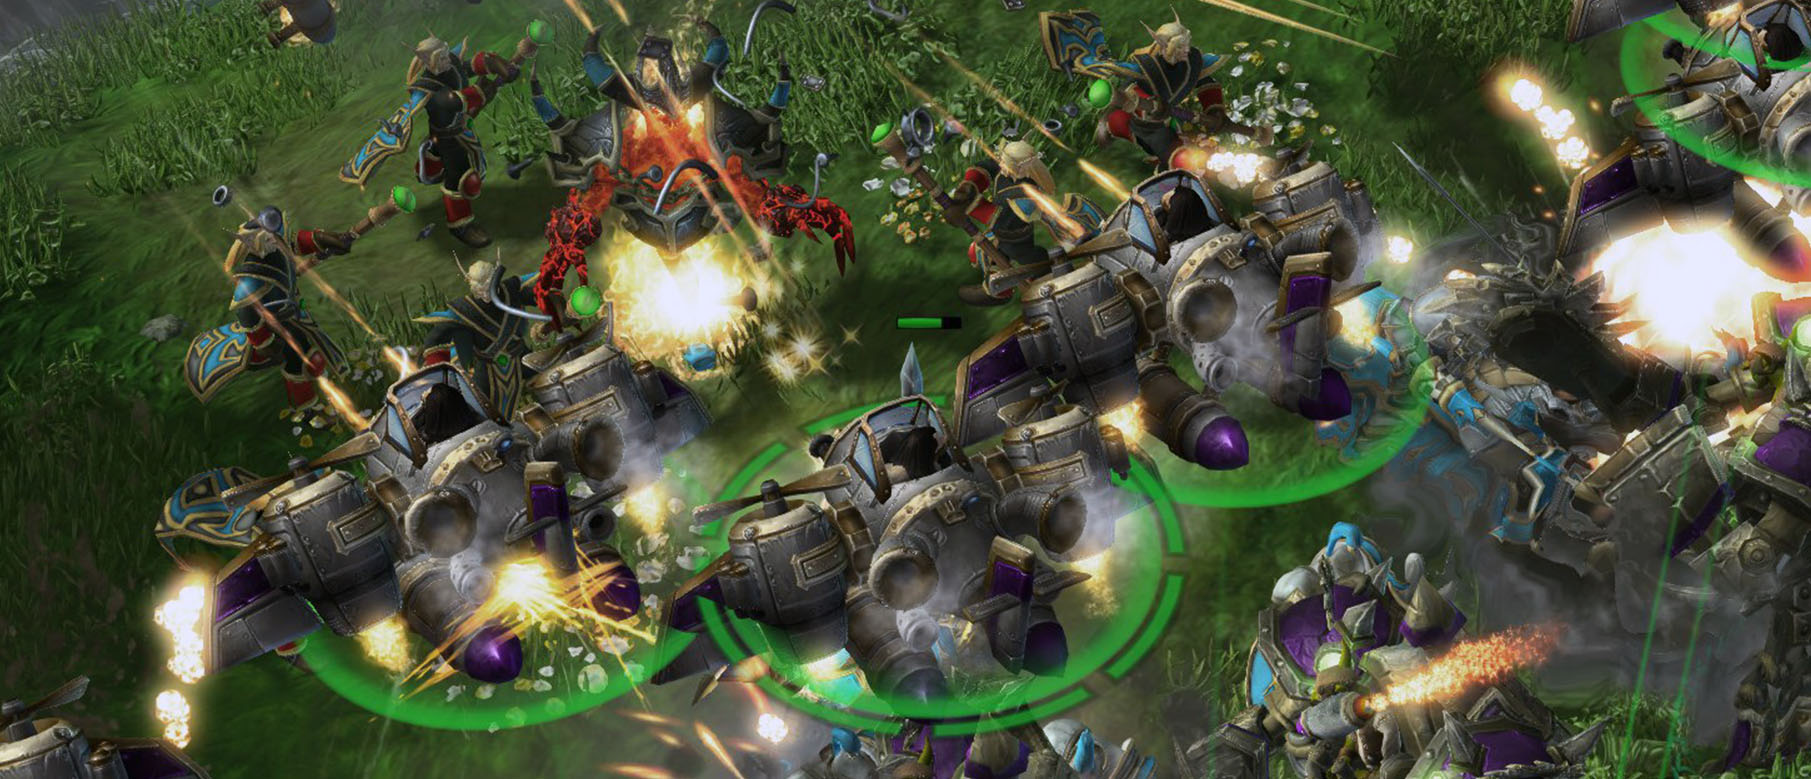 прохождение игры chaos on deponia 2